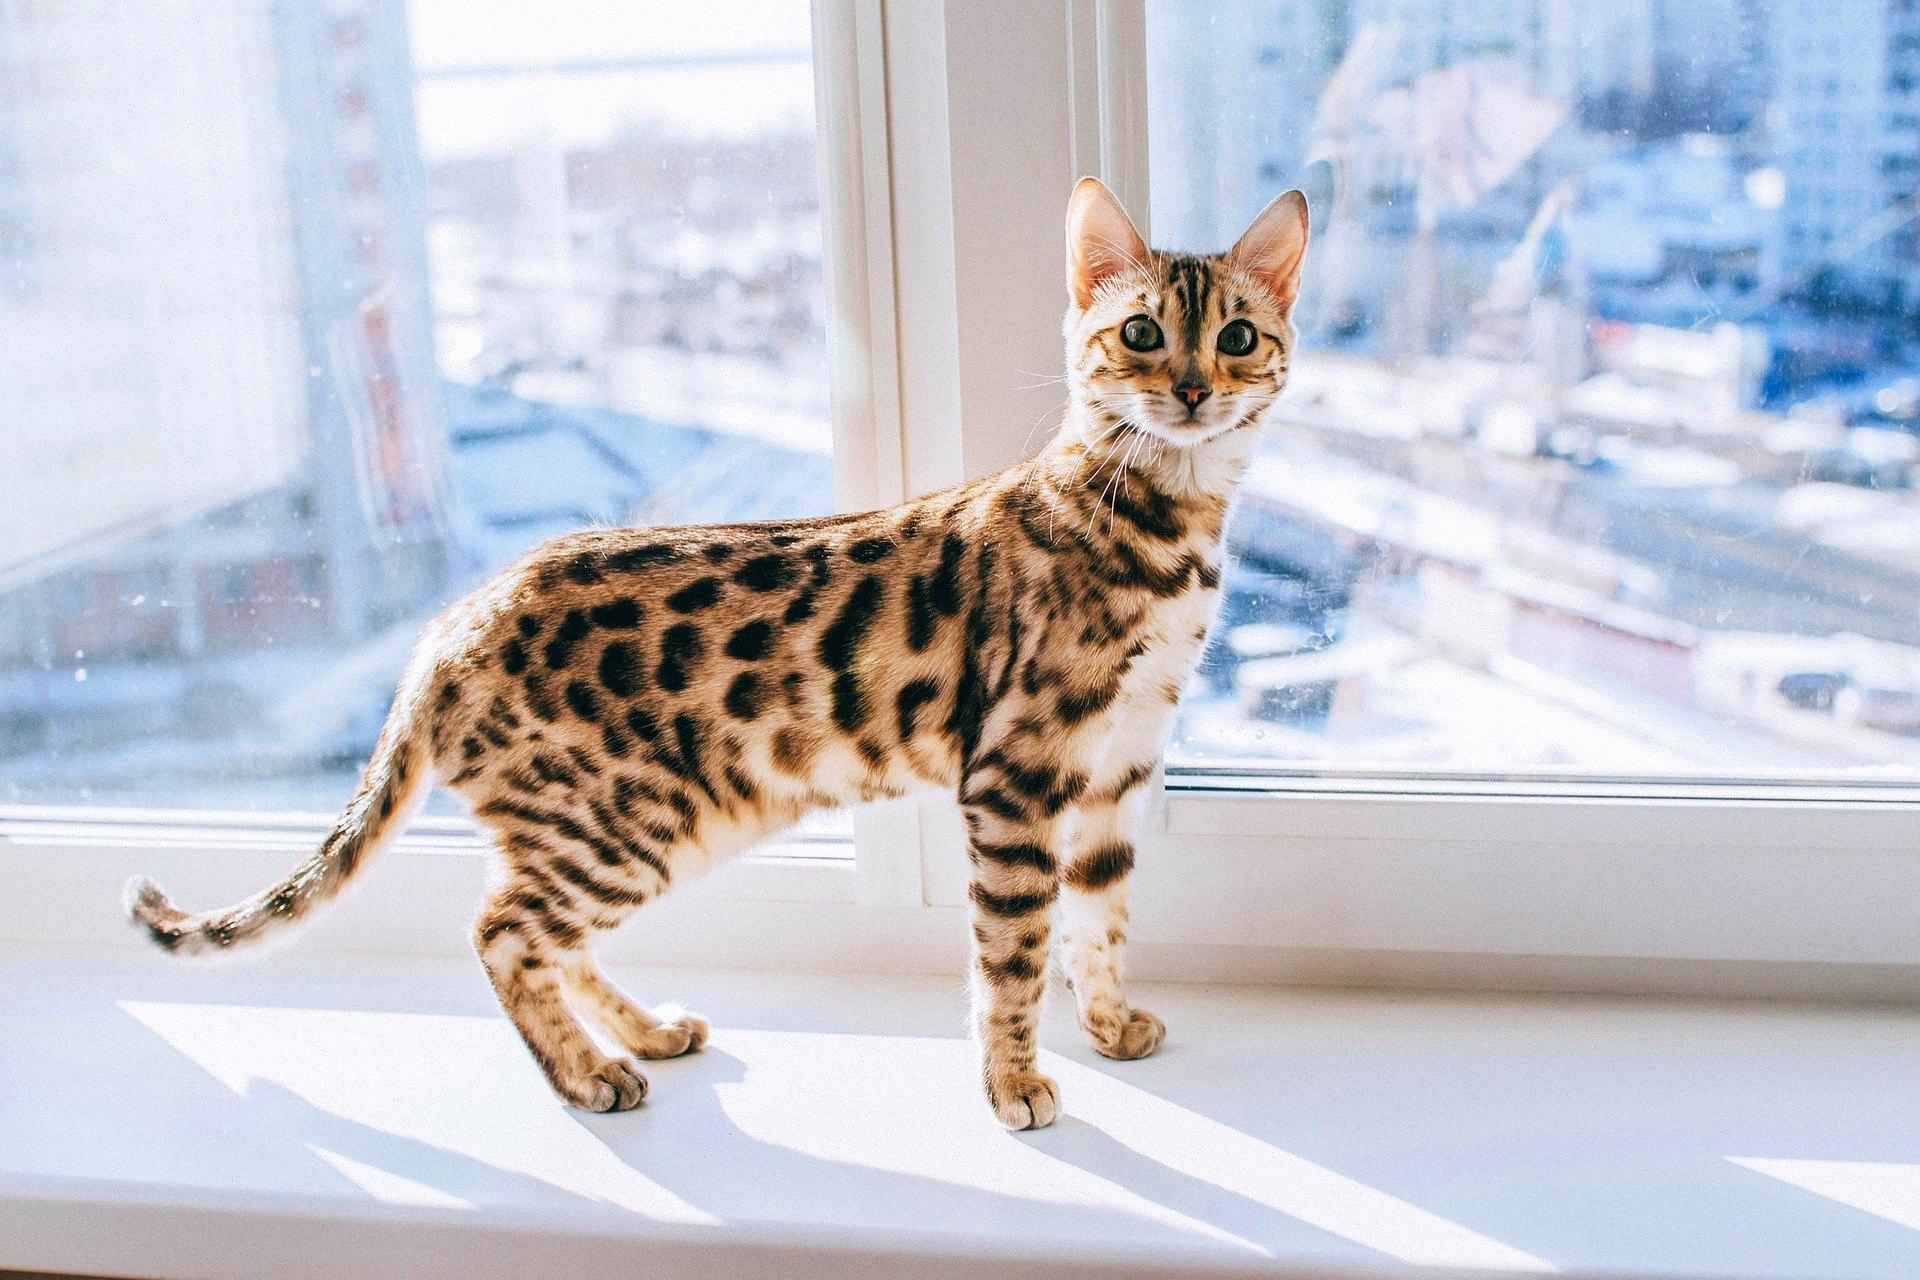 Bengálska mačka je kombináciou elegancie a ladnosti. Jej jedinečný vzhľad a veľké množstvo energie si zaslúžia pozornosť.